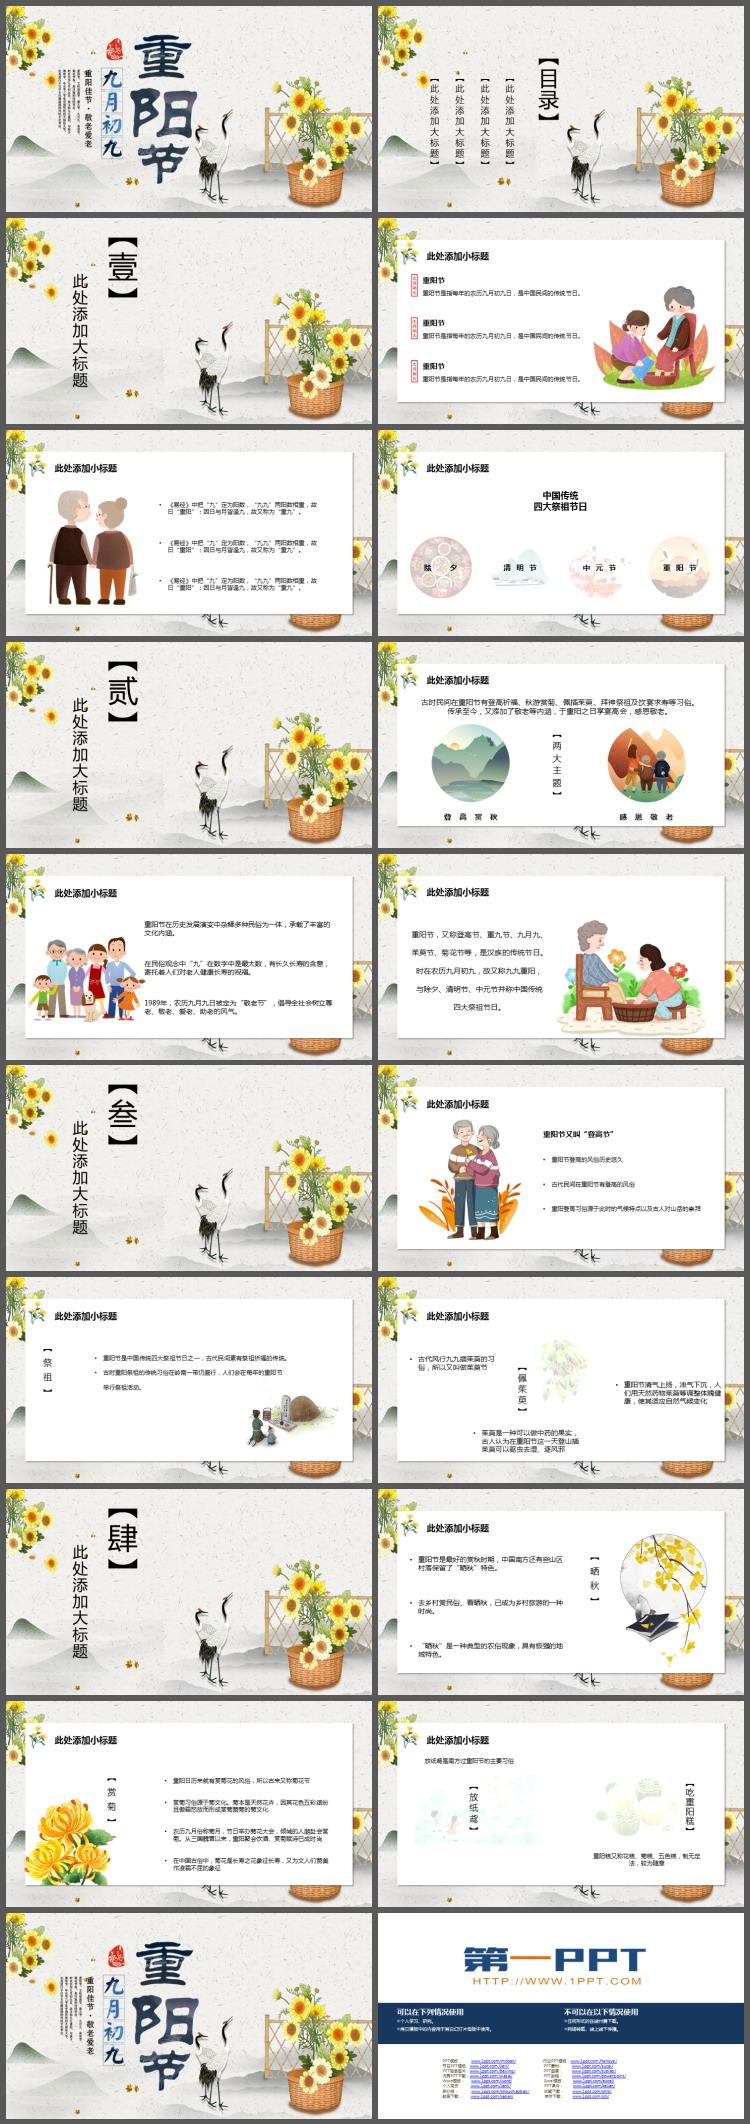 清新九月初九重阳节PPT模板